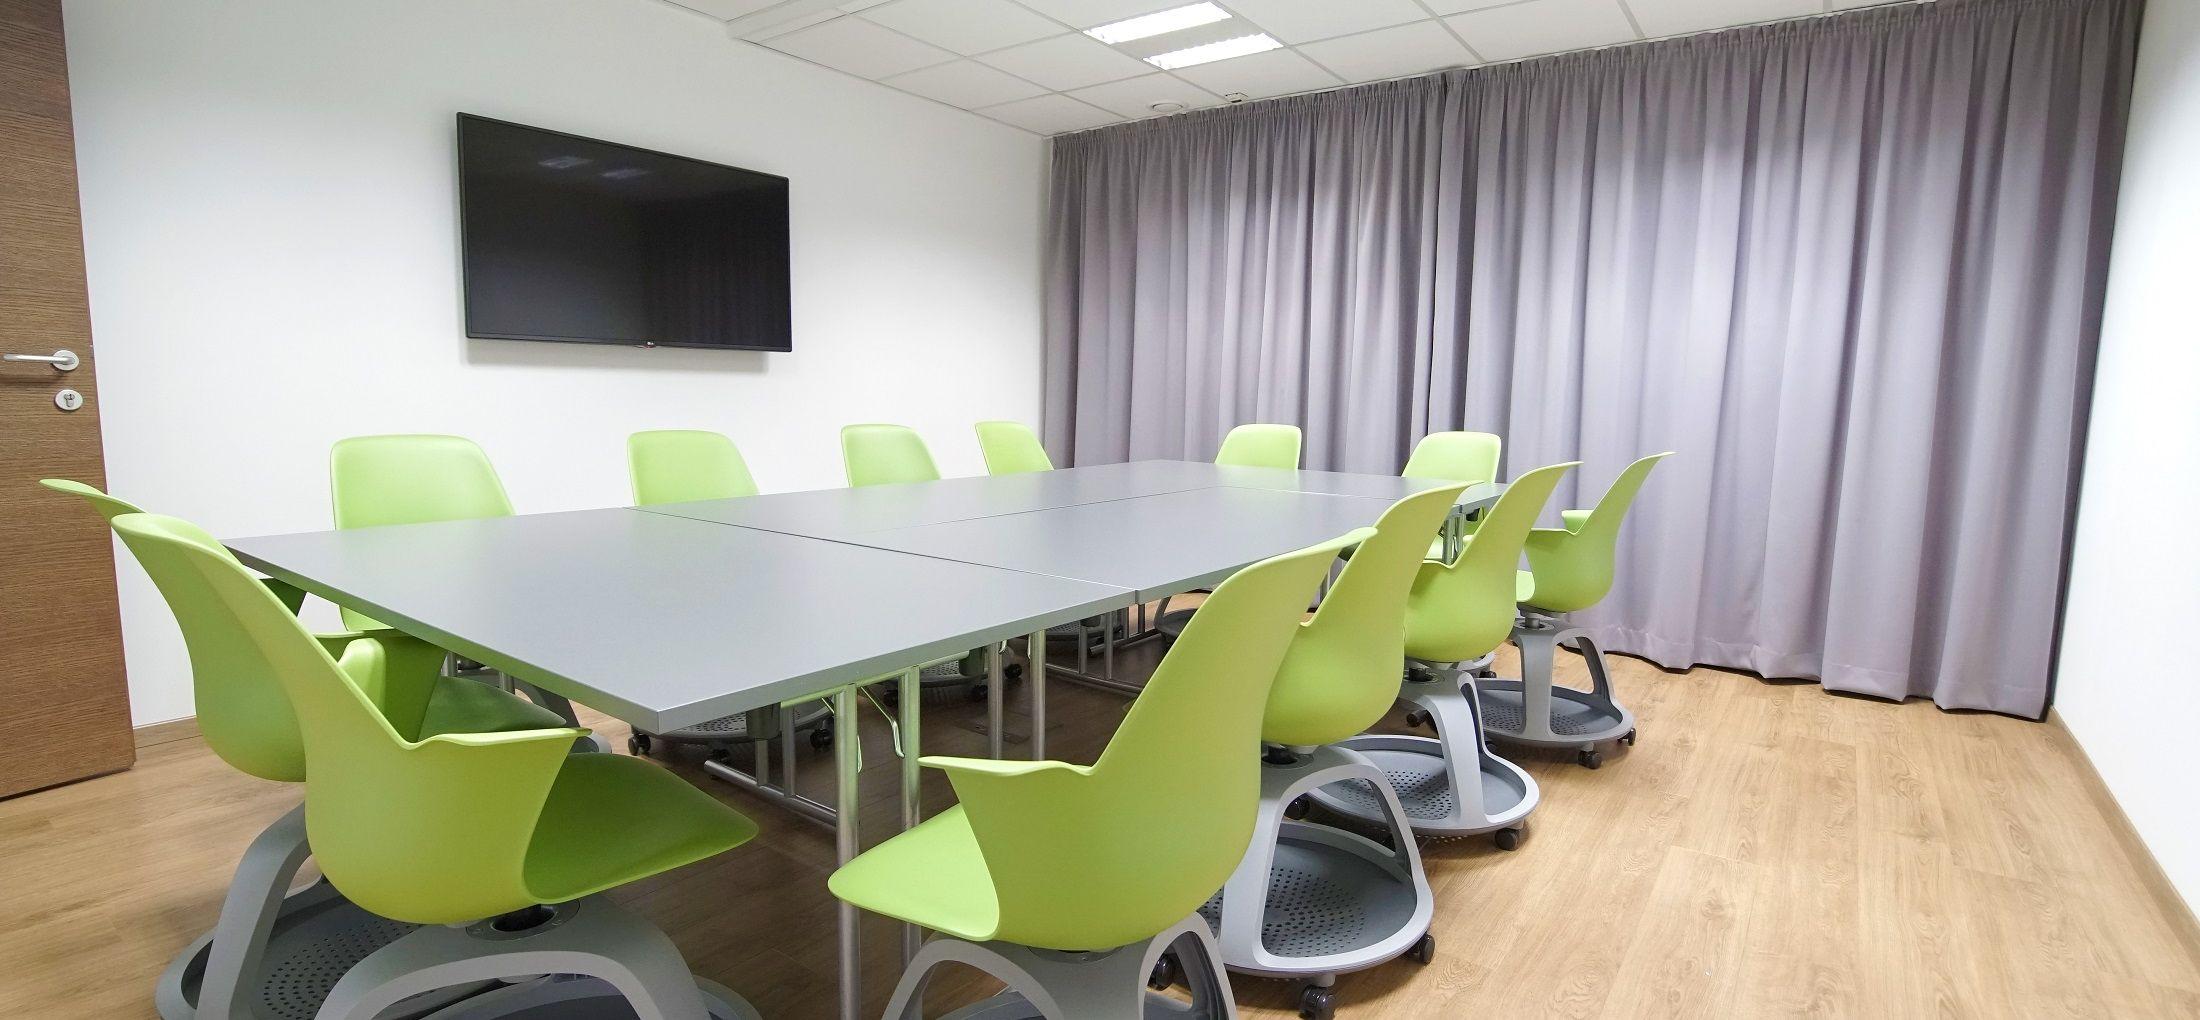 Kontaktirajte web mjesto za sastanke